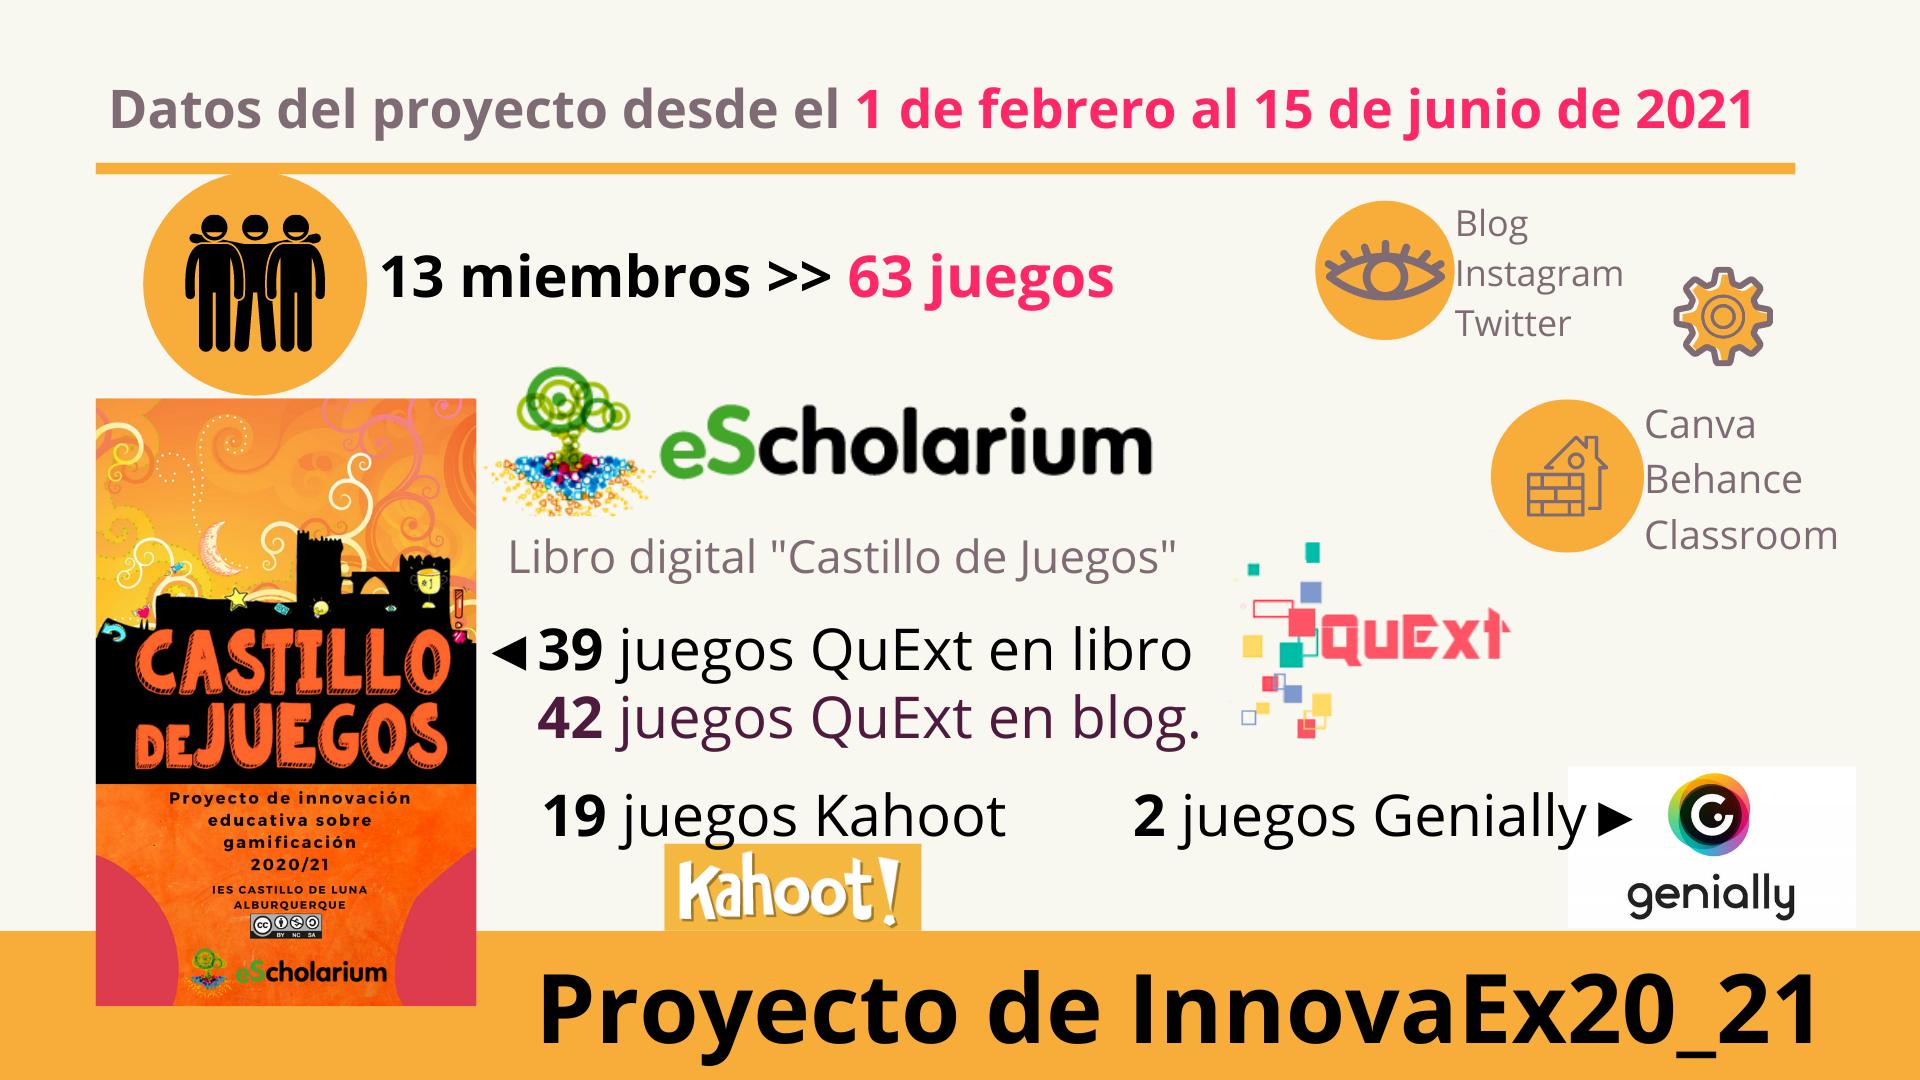 Resultados del proyecto de InnovaEx20_21